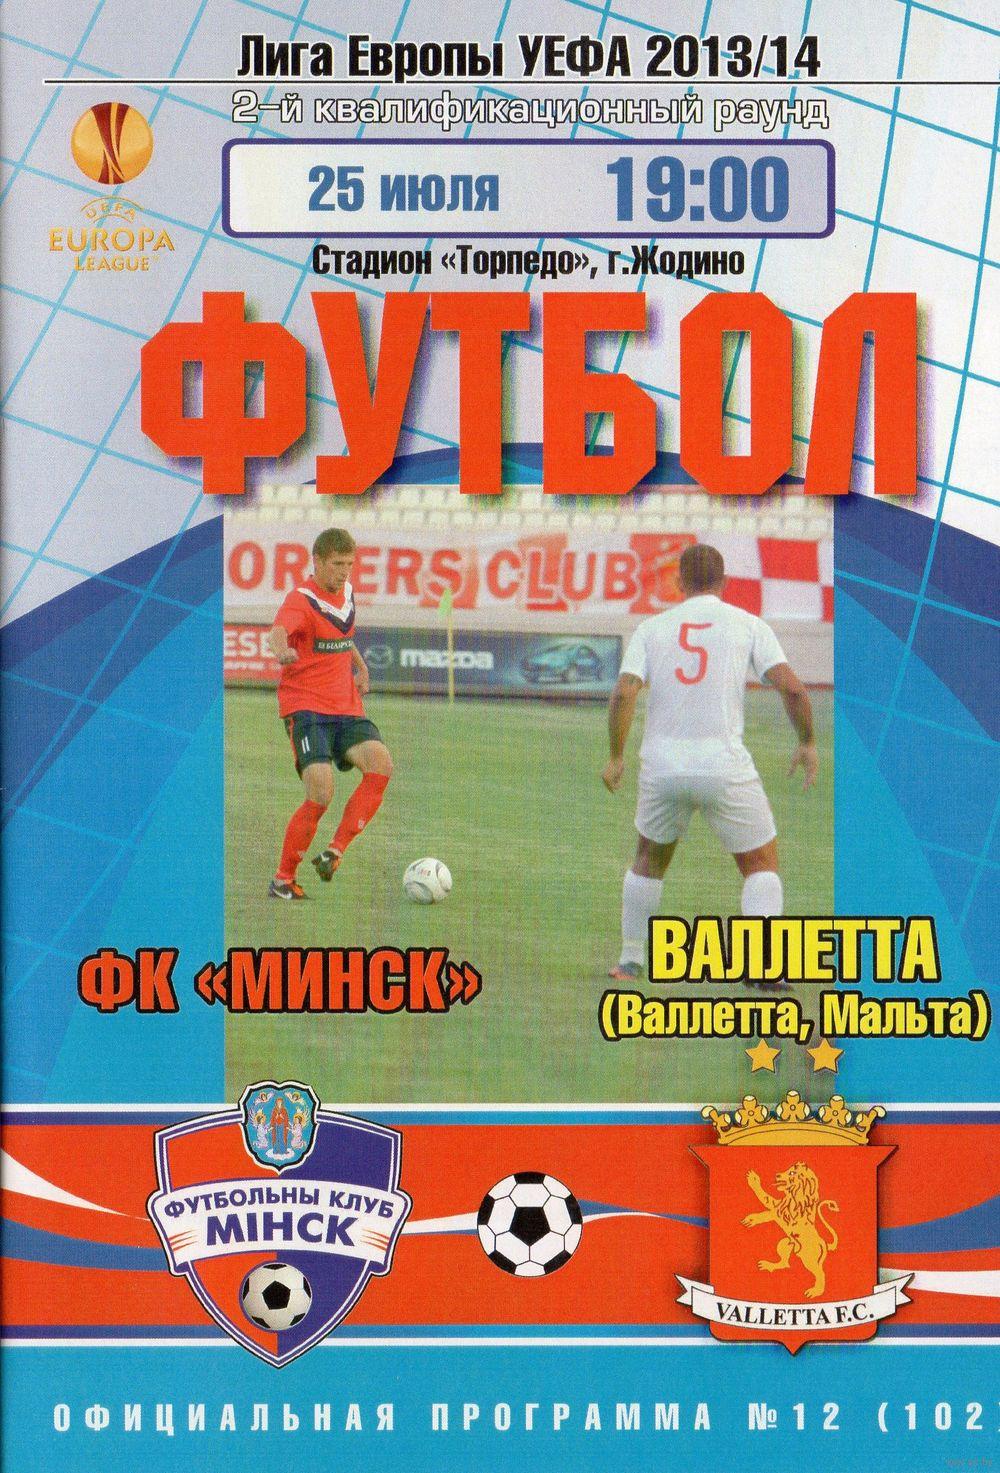 Минск (Белоруссия) - Валетта (Мальта) 2:0